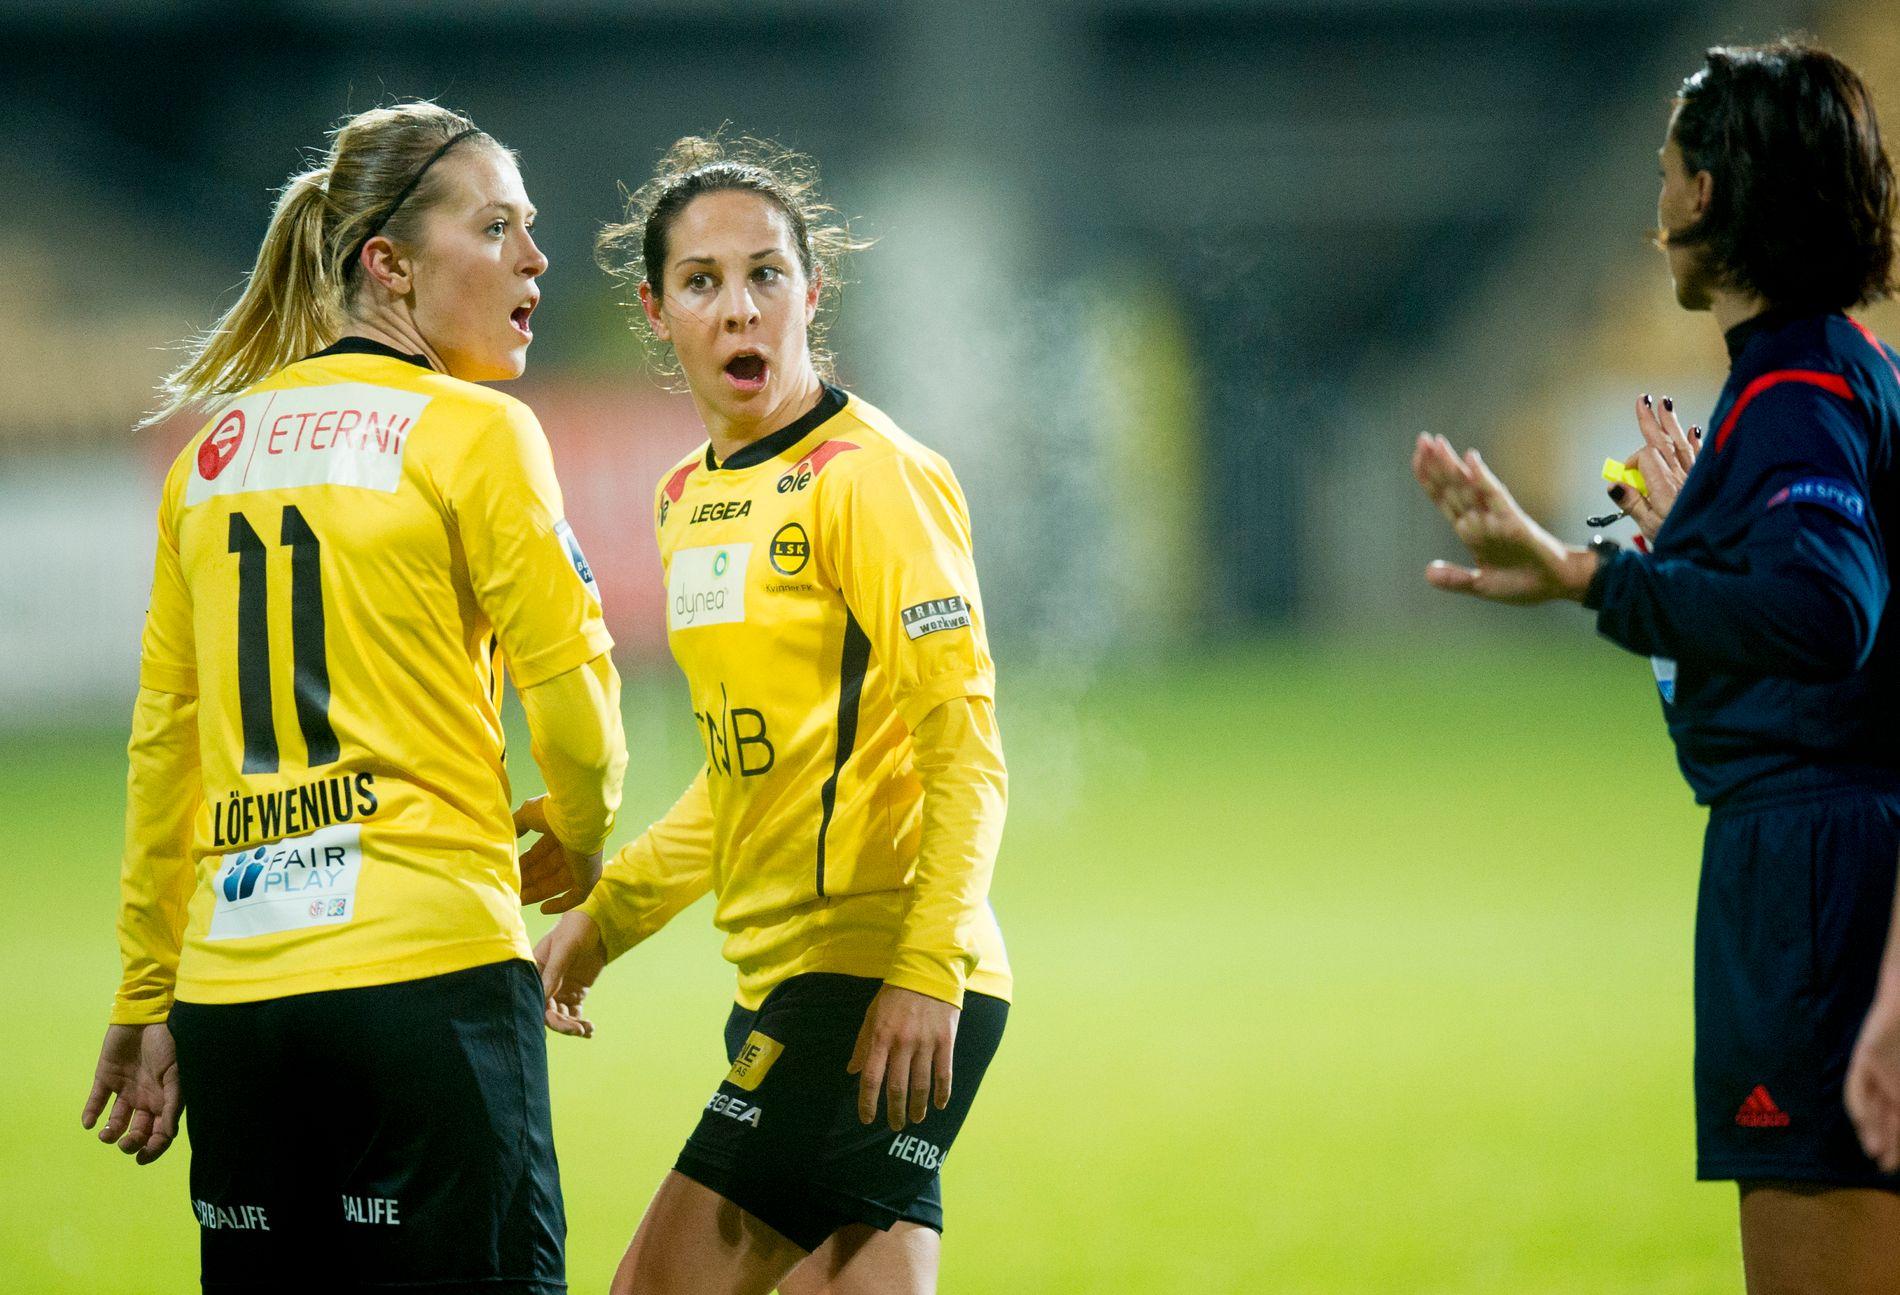 NY SJANSE: Lillestrøm, her ved Mimmi Löfwenius og Ingrid Moe Wold (til høyre) gjorde en tapper innsats i Champions League i fjor. Etter 0-2-tap hjemme i 8-delsfinalen mot Frankfurt, kom de tilbake og vant med samme sifre borte - men tapte på straffer. Her fra hjemmekampen. Nå får de muligheten igjen, mot PSG. Foto: NTB SCANPIX